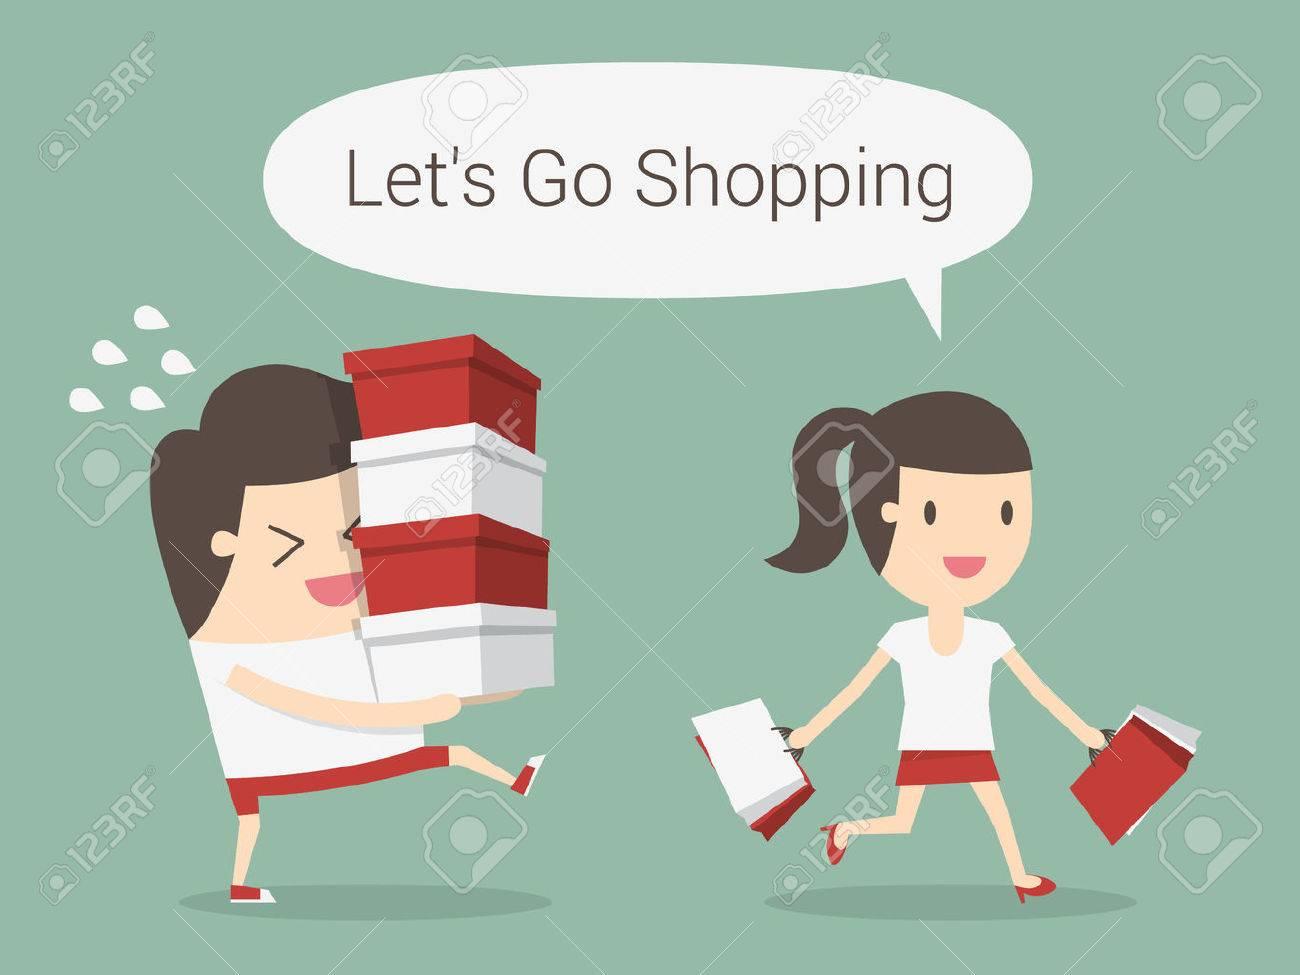 Shopping, eps 10 vector illustration - 53139093